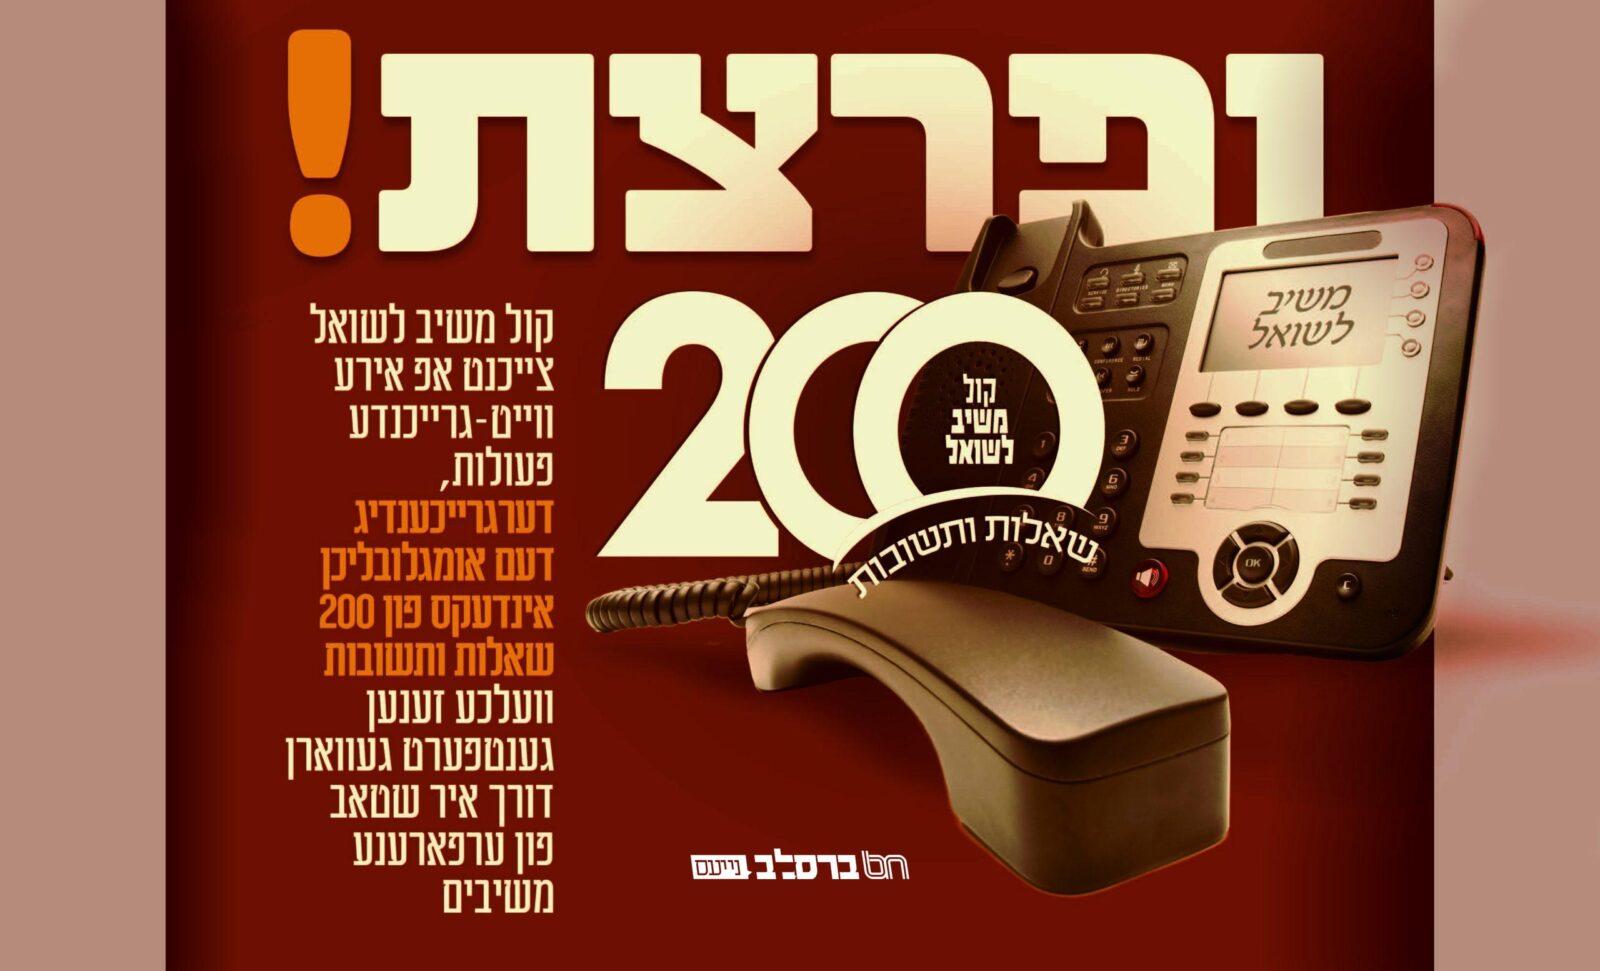 טלפון ליין: 'קול משיב לשואל' עם 200 השאלות והתשובות בענייני עבודת ה' • אידיש